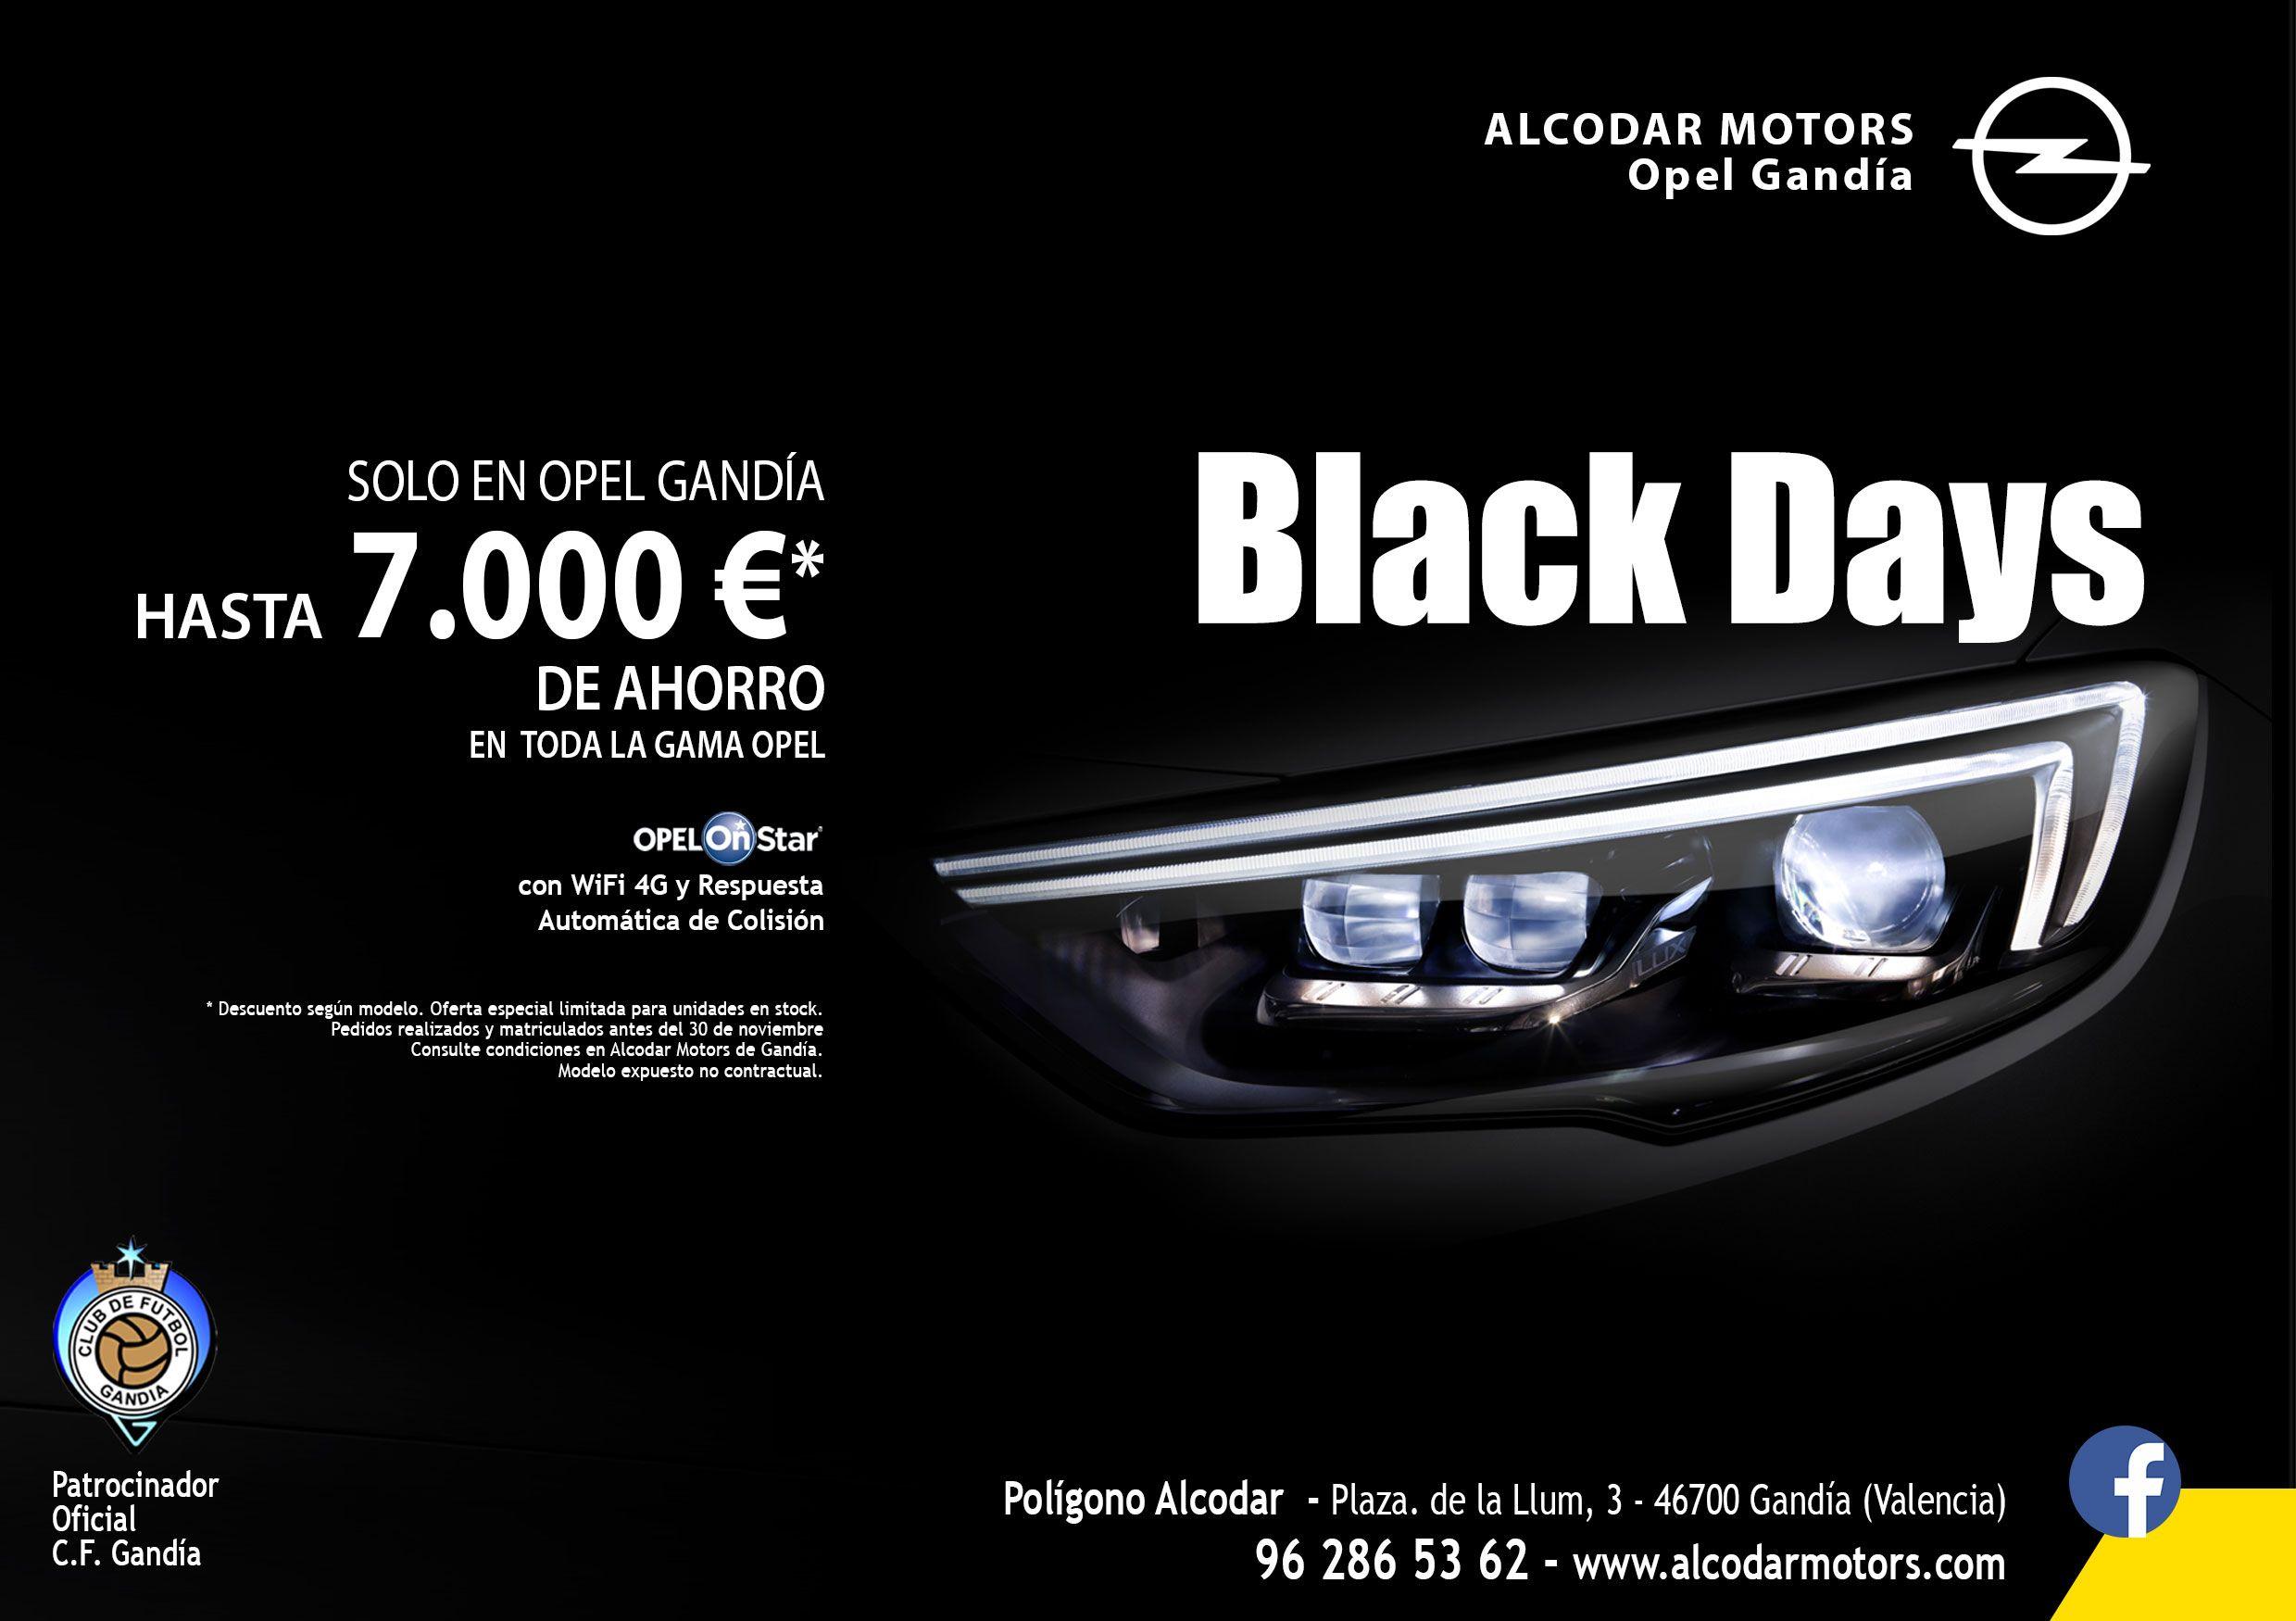 Increíble Black Friday sólo en Opel Gandía - Alcodar Motors